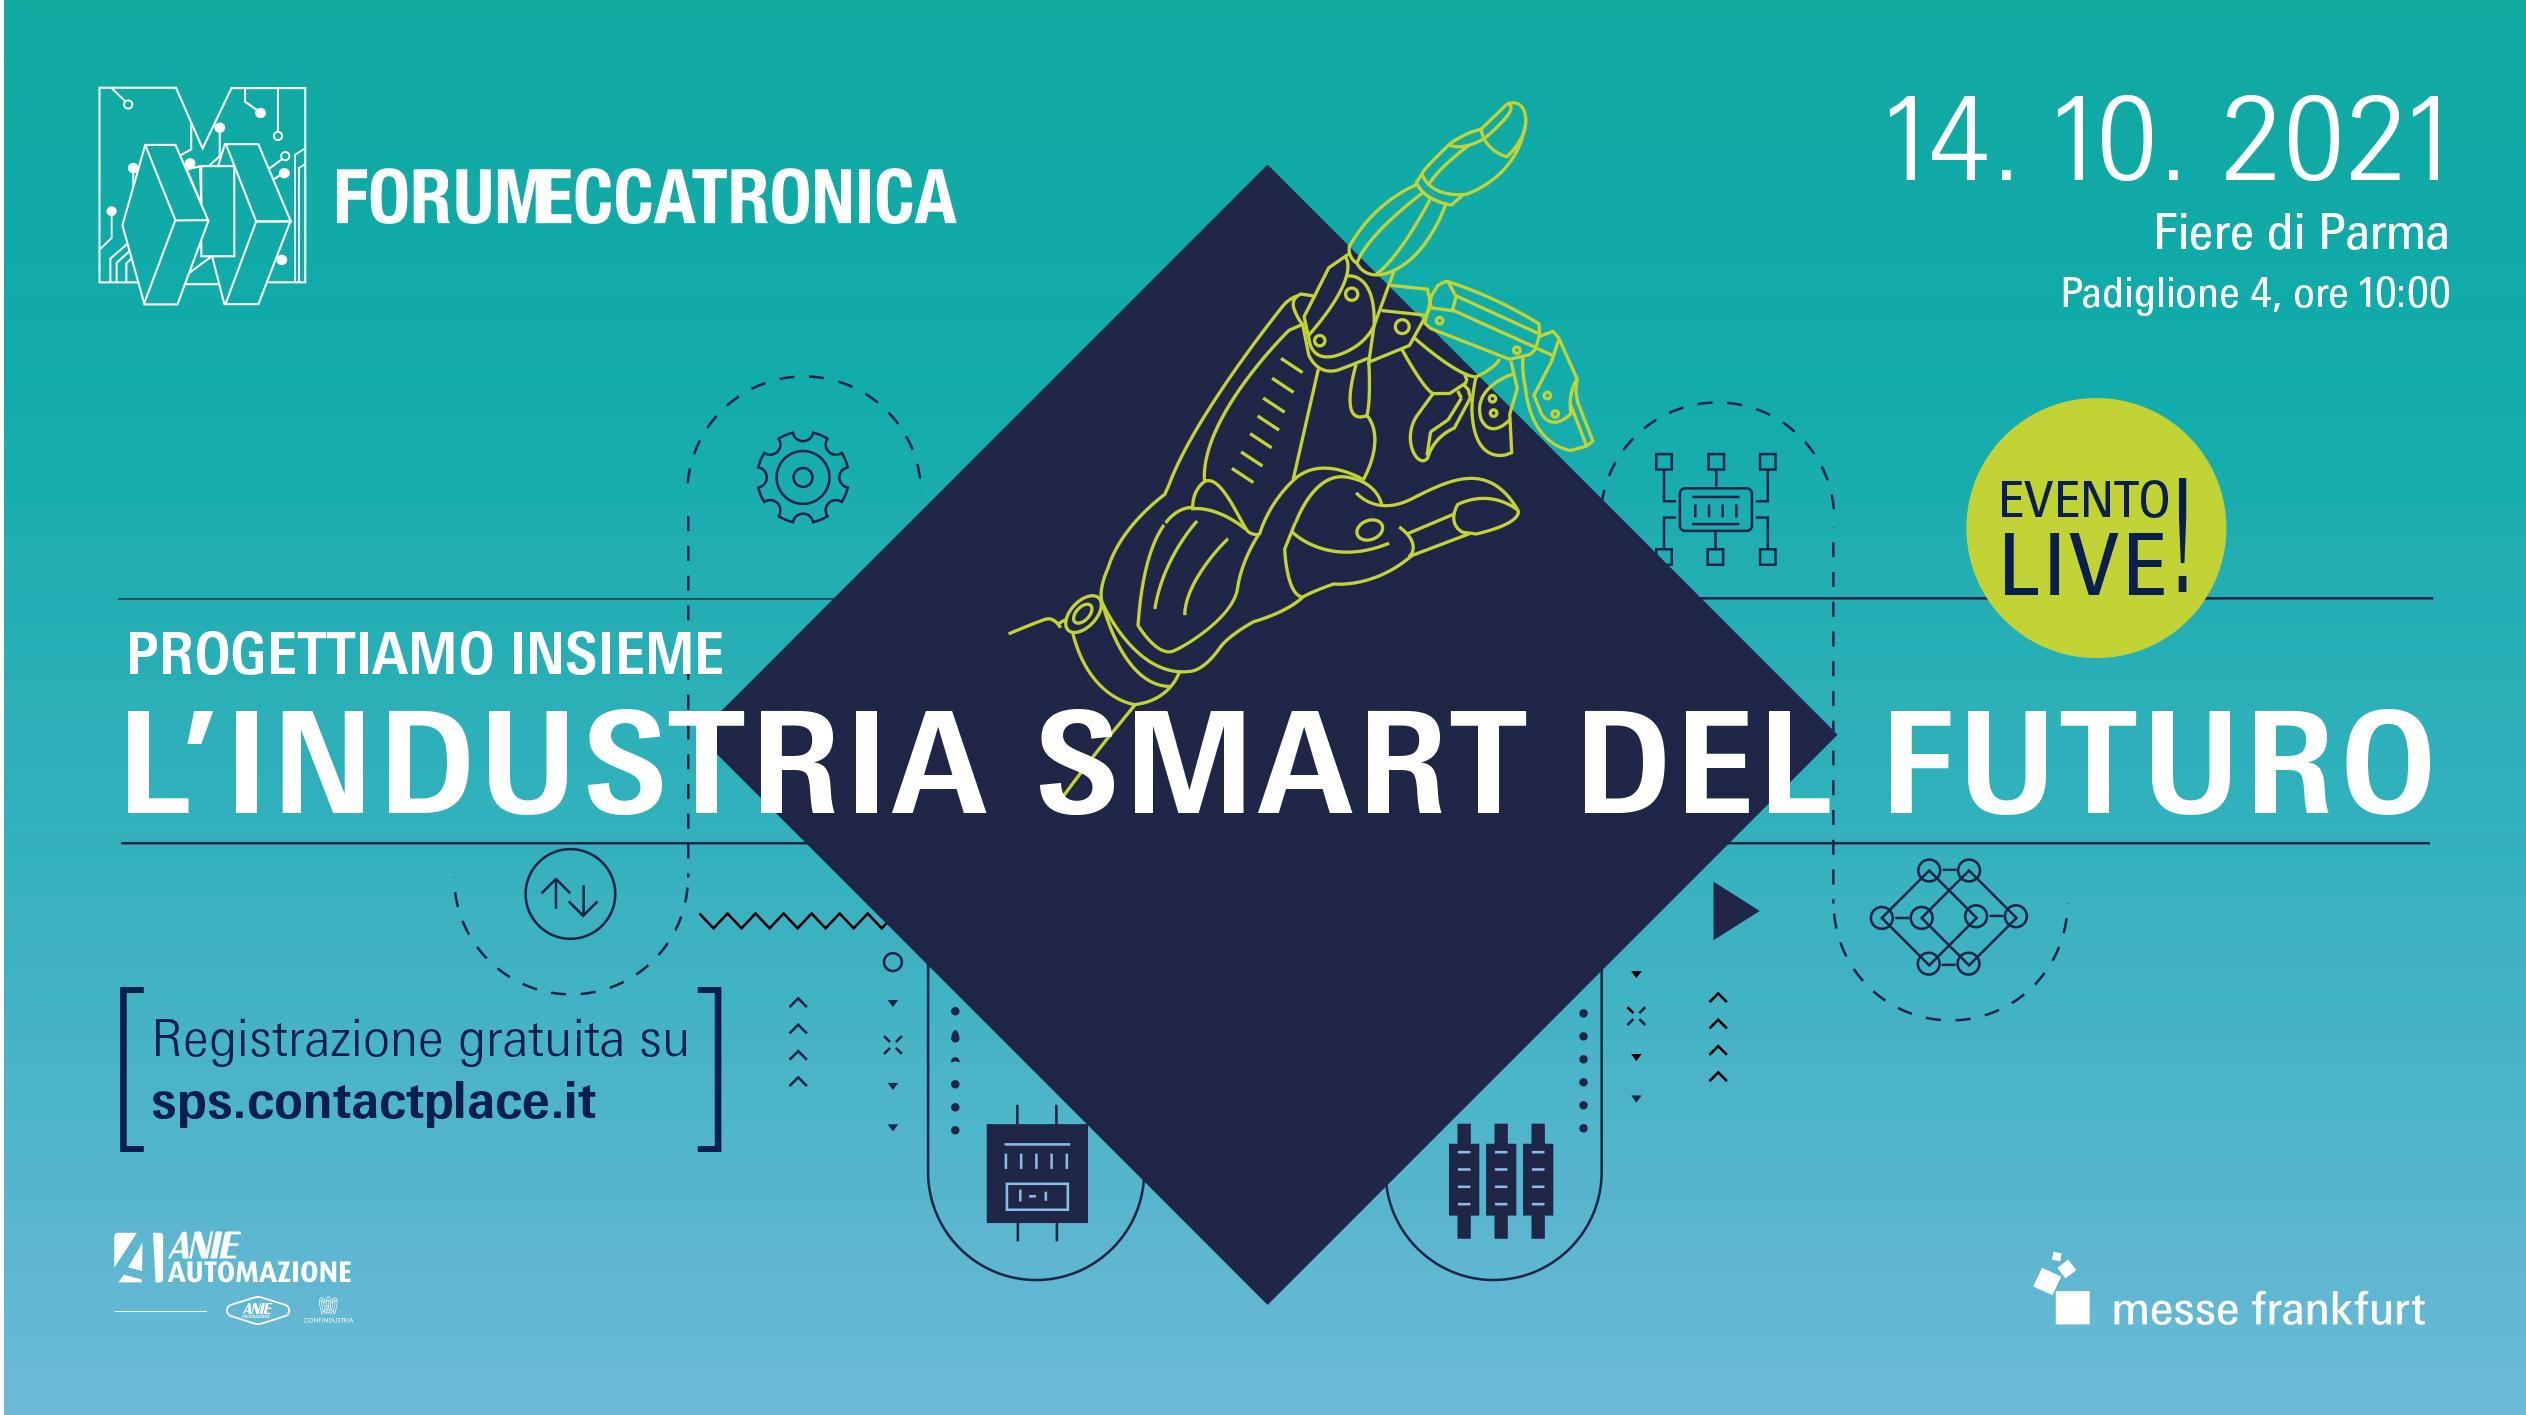 Forum Meccatronica 2021 - Progettiamo insieme l'industria smart del futuro